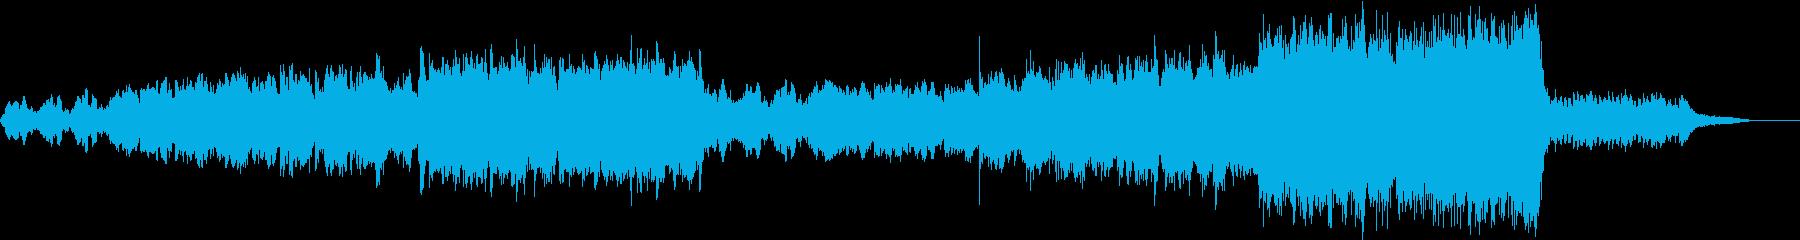 切なく感動的ぐっとくる大編成オーケストラの再生済みの波形